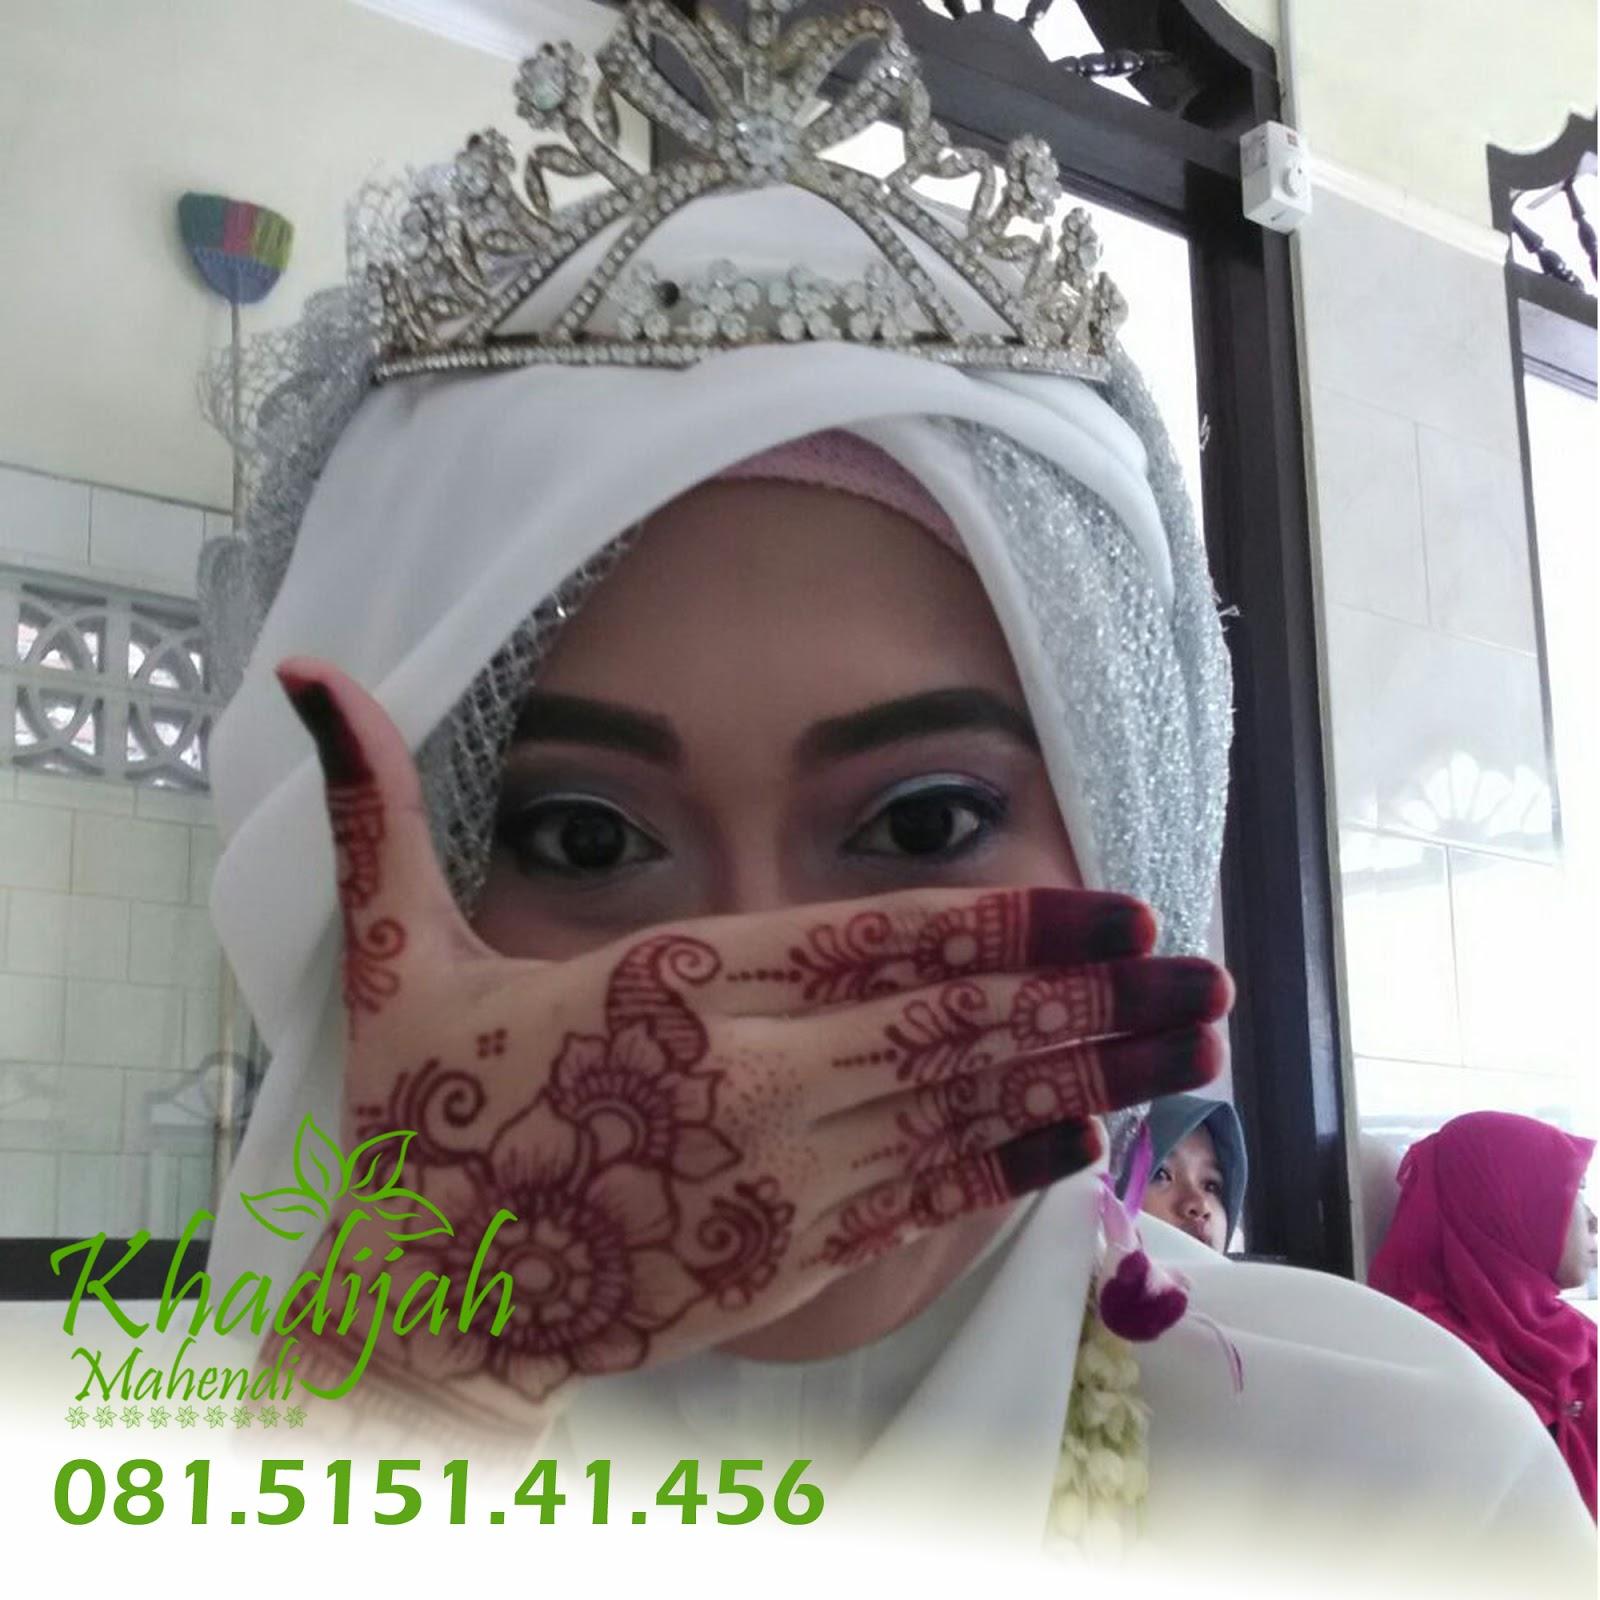 Khadijah